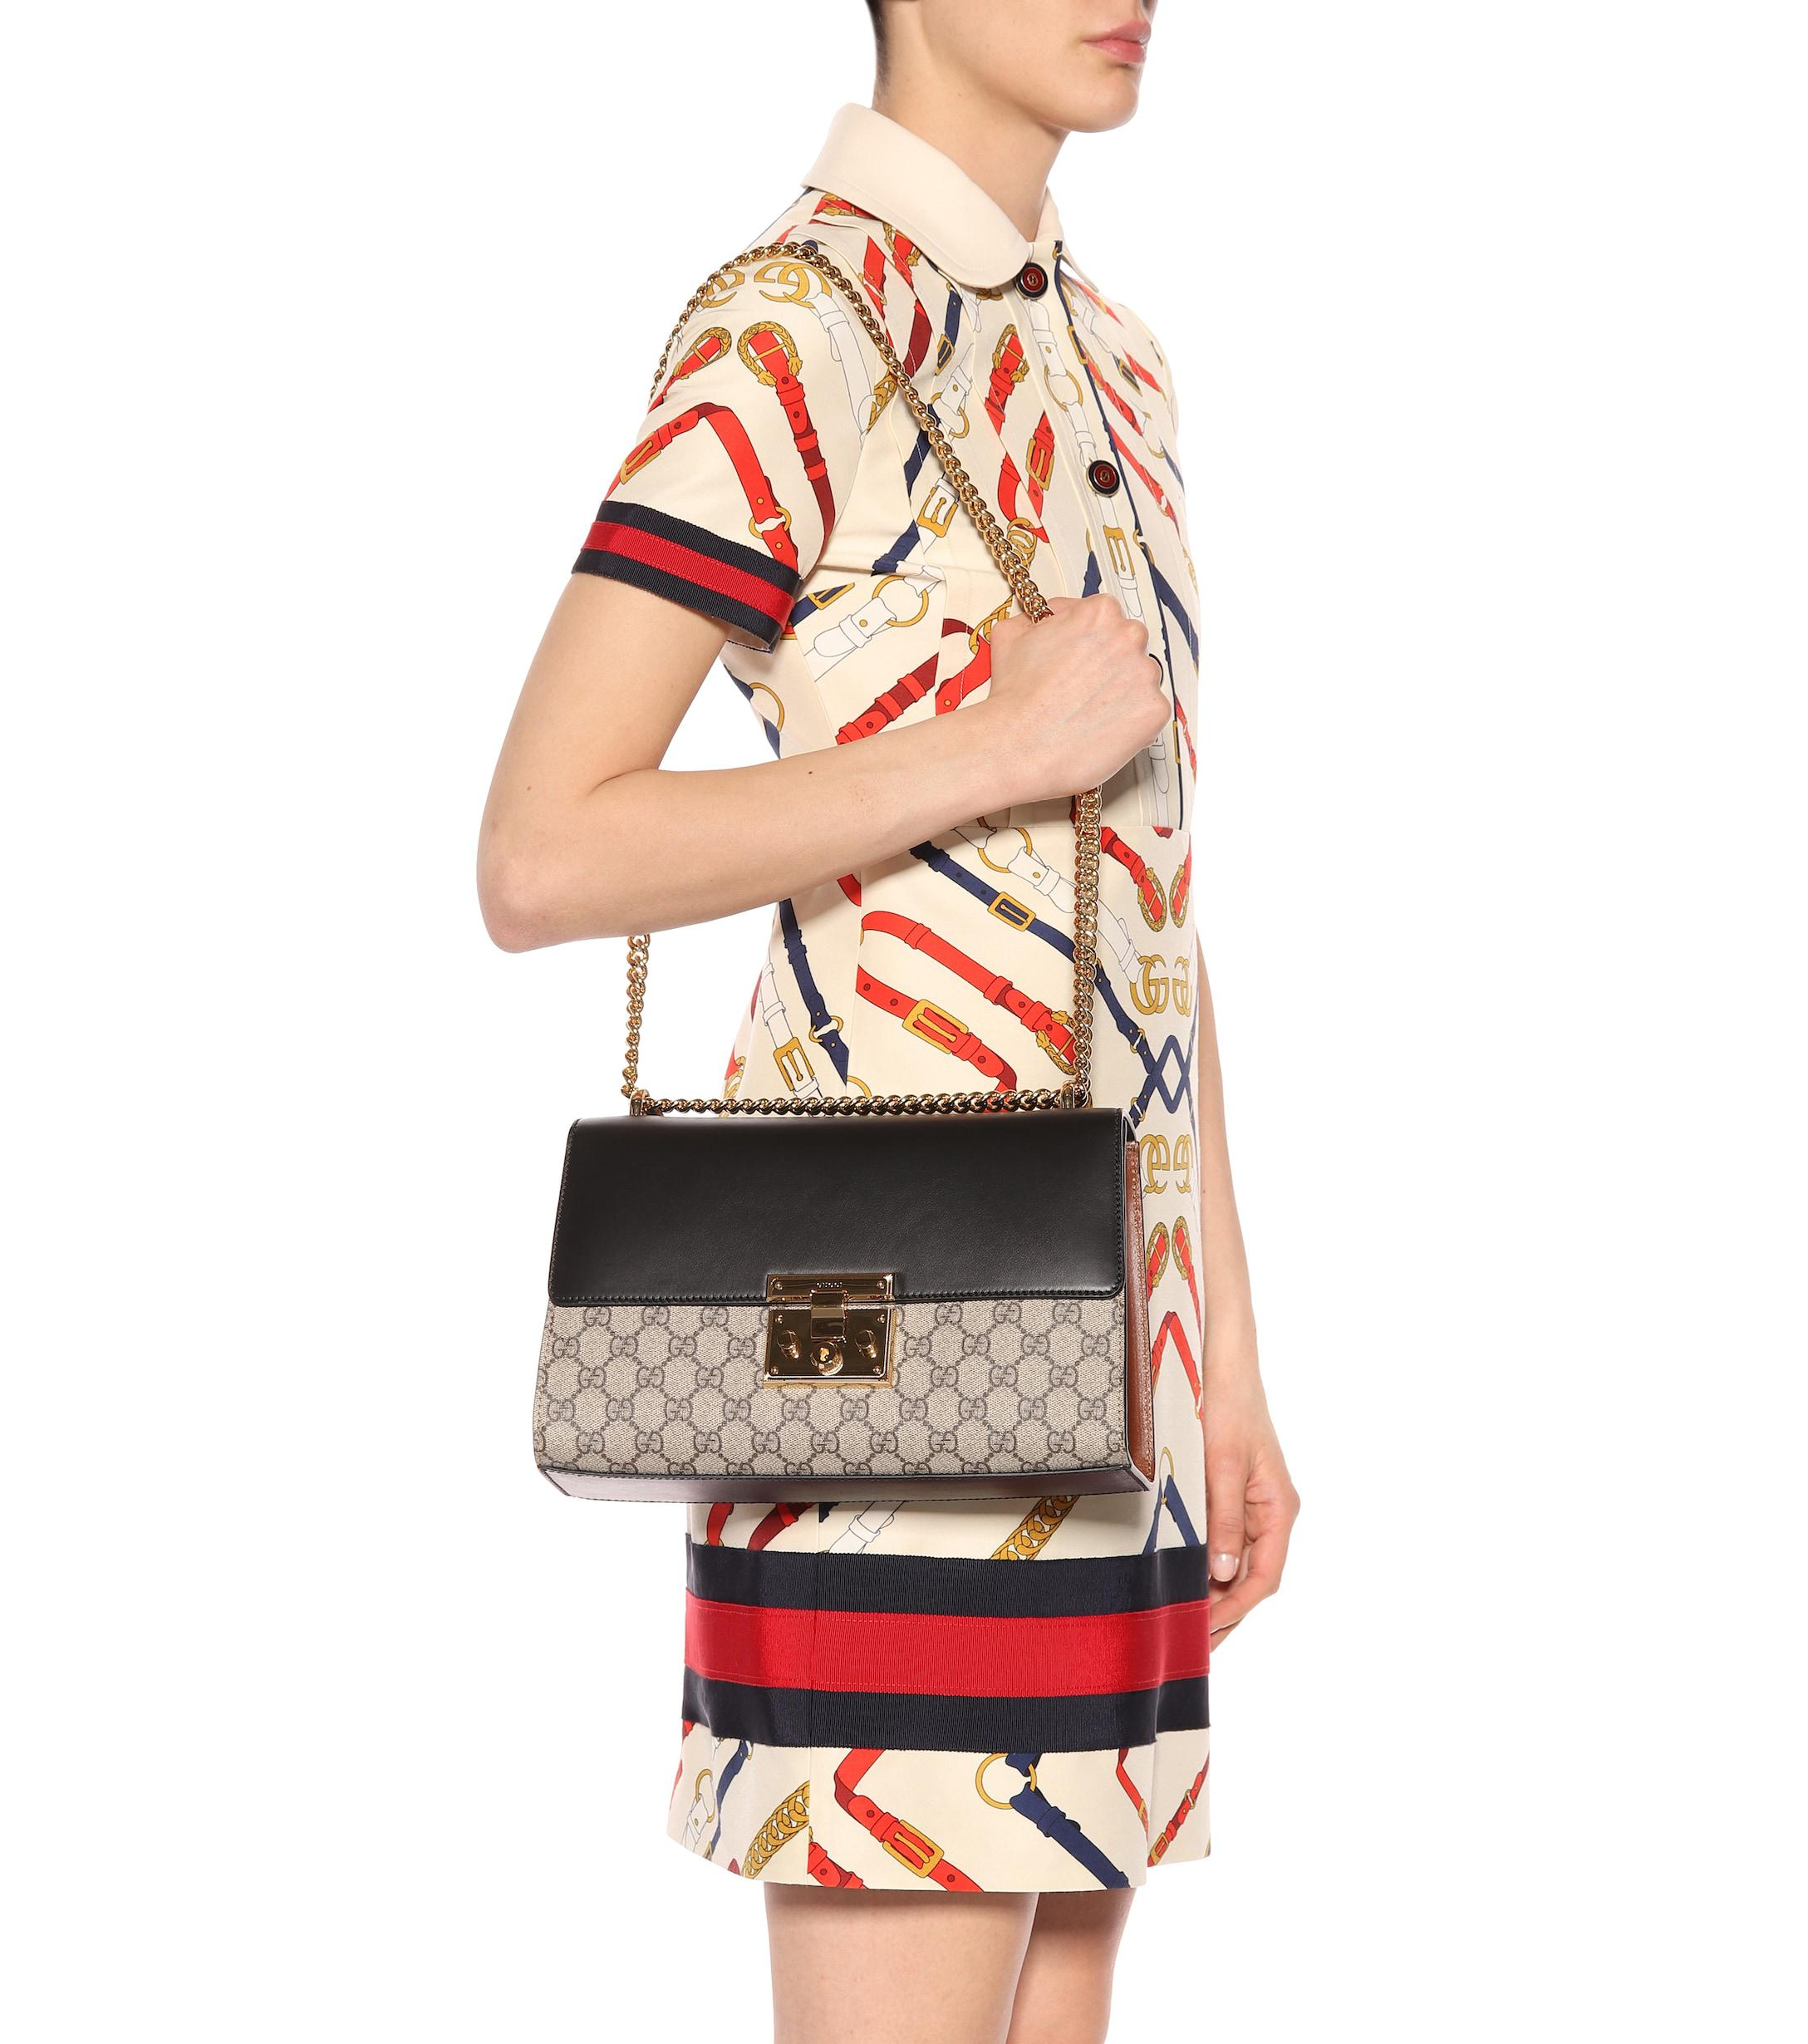 eb3aa694d82f Gucci - Multicolor Padlock GG Supreme Medium Shoulder Bag - Lyst. View  fullscreen